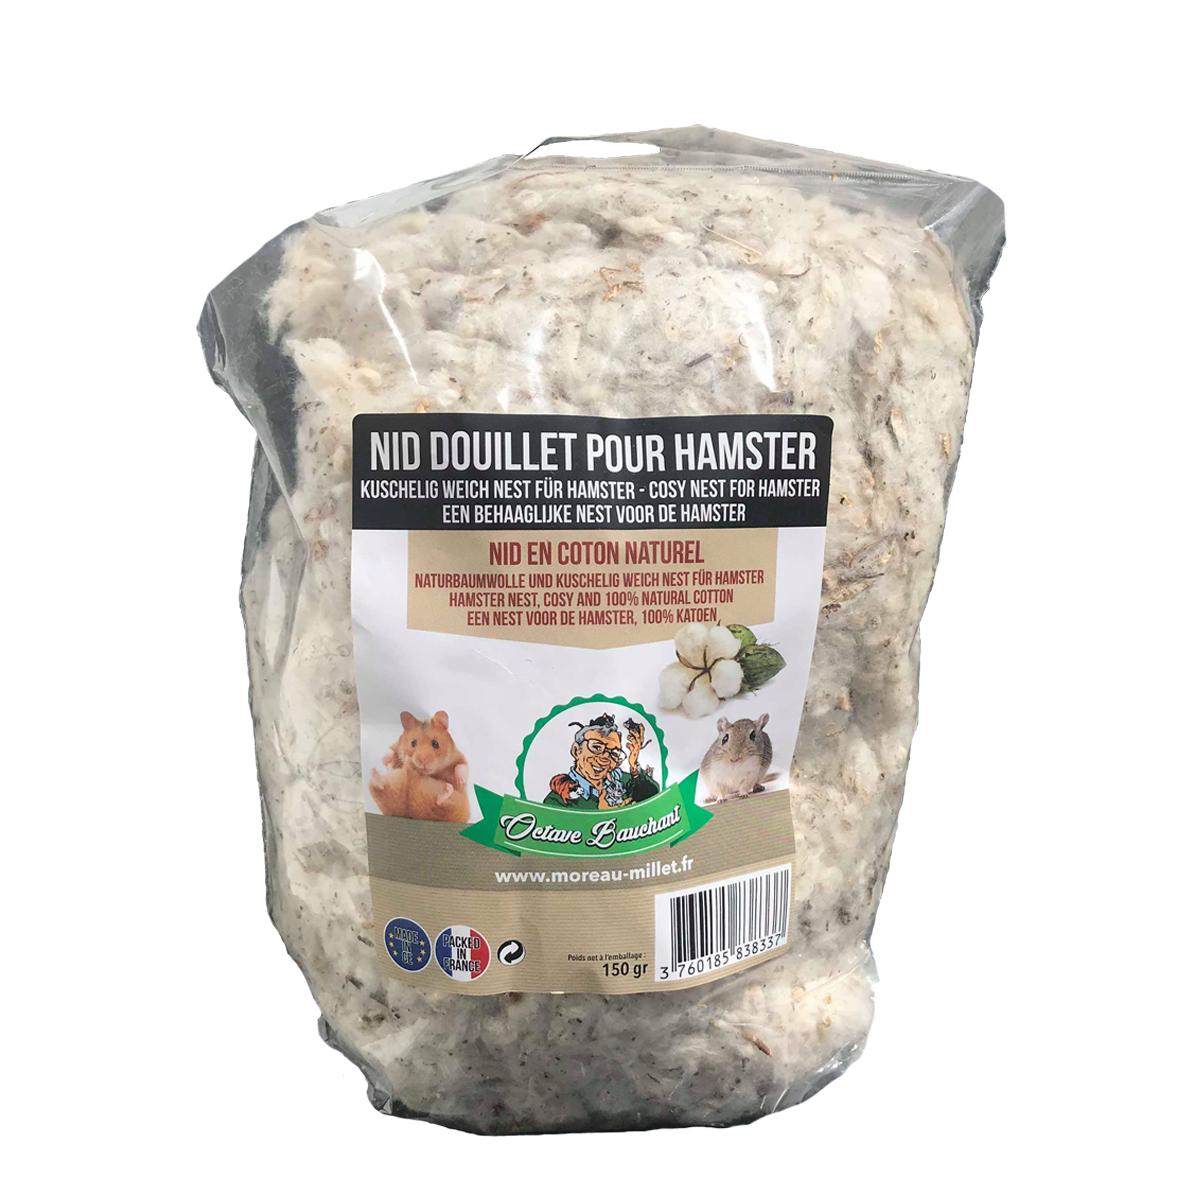 Nid douillet en coton naturel pour Hamster Octave bauchant 150gr